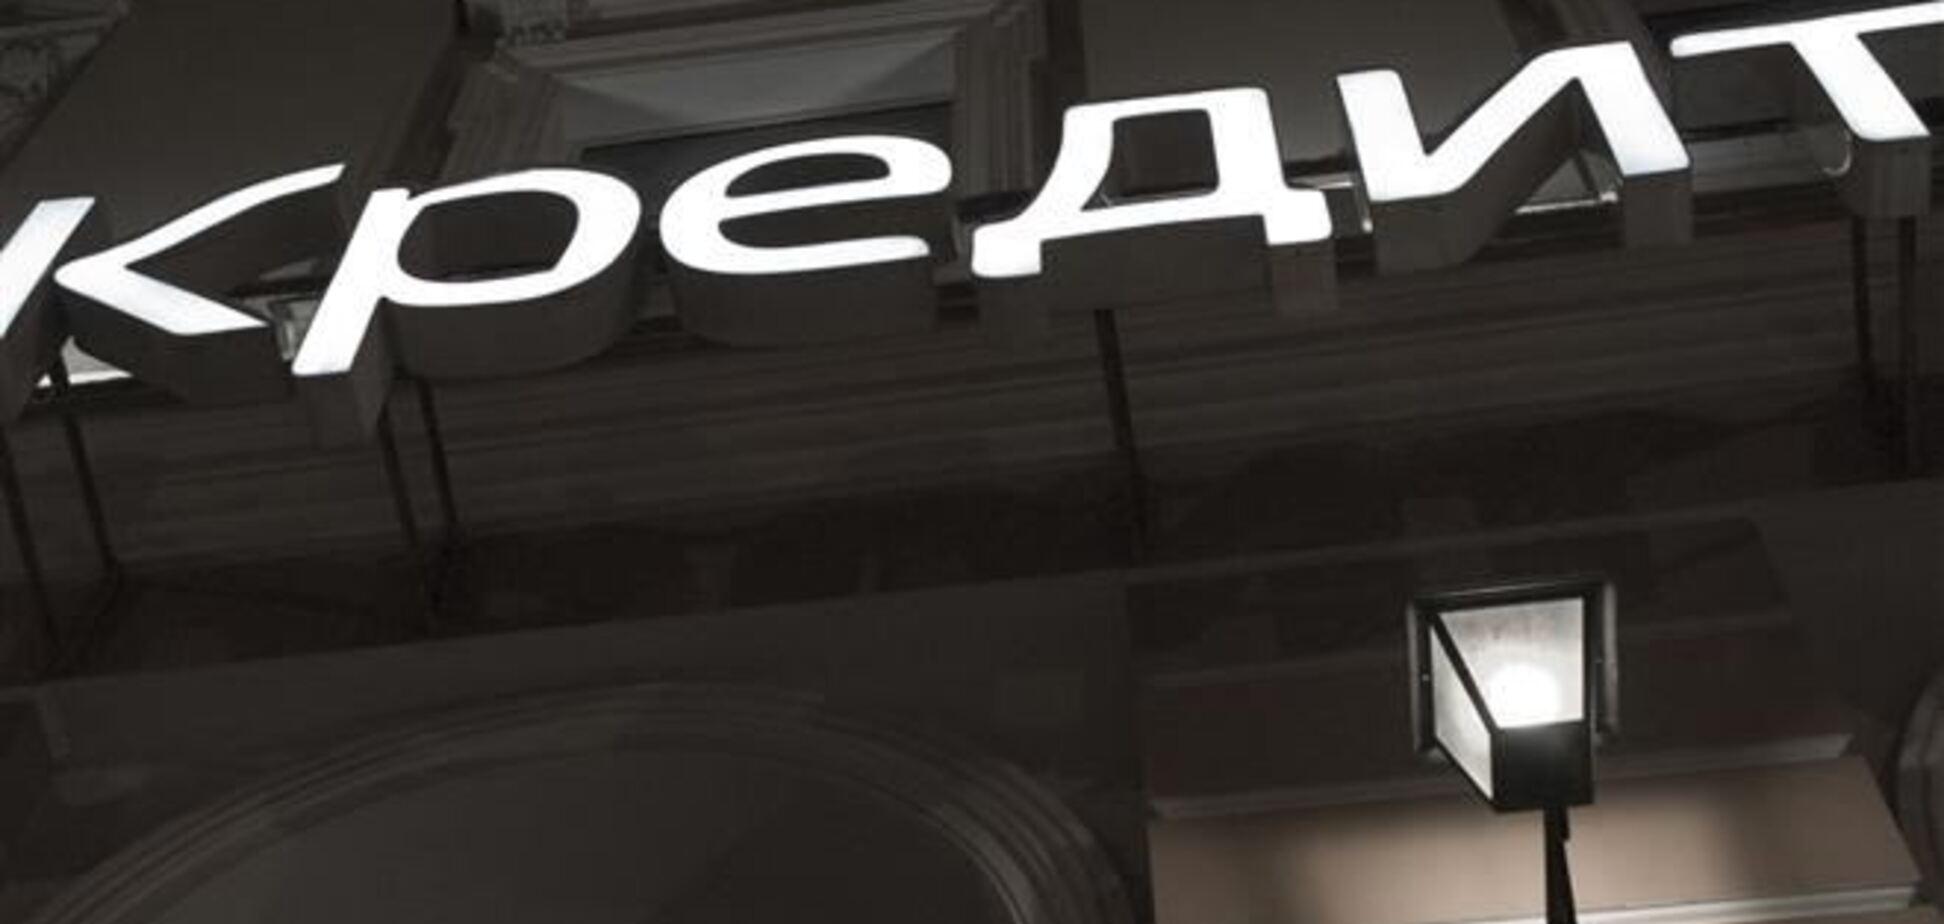 Банкиры боятся, что клиенты из Крыма не вернут долги по кредитам